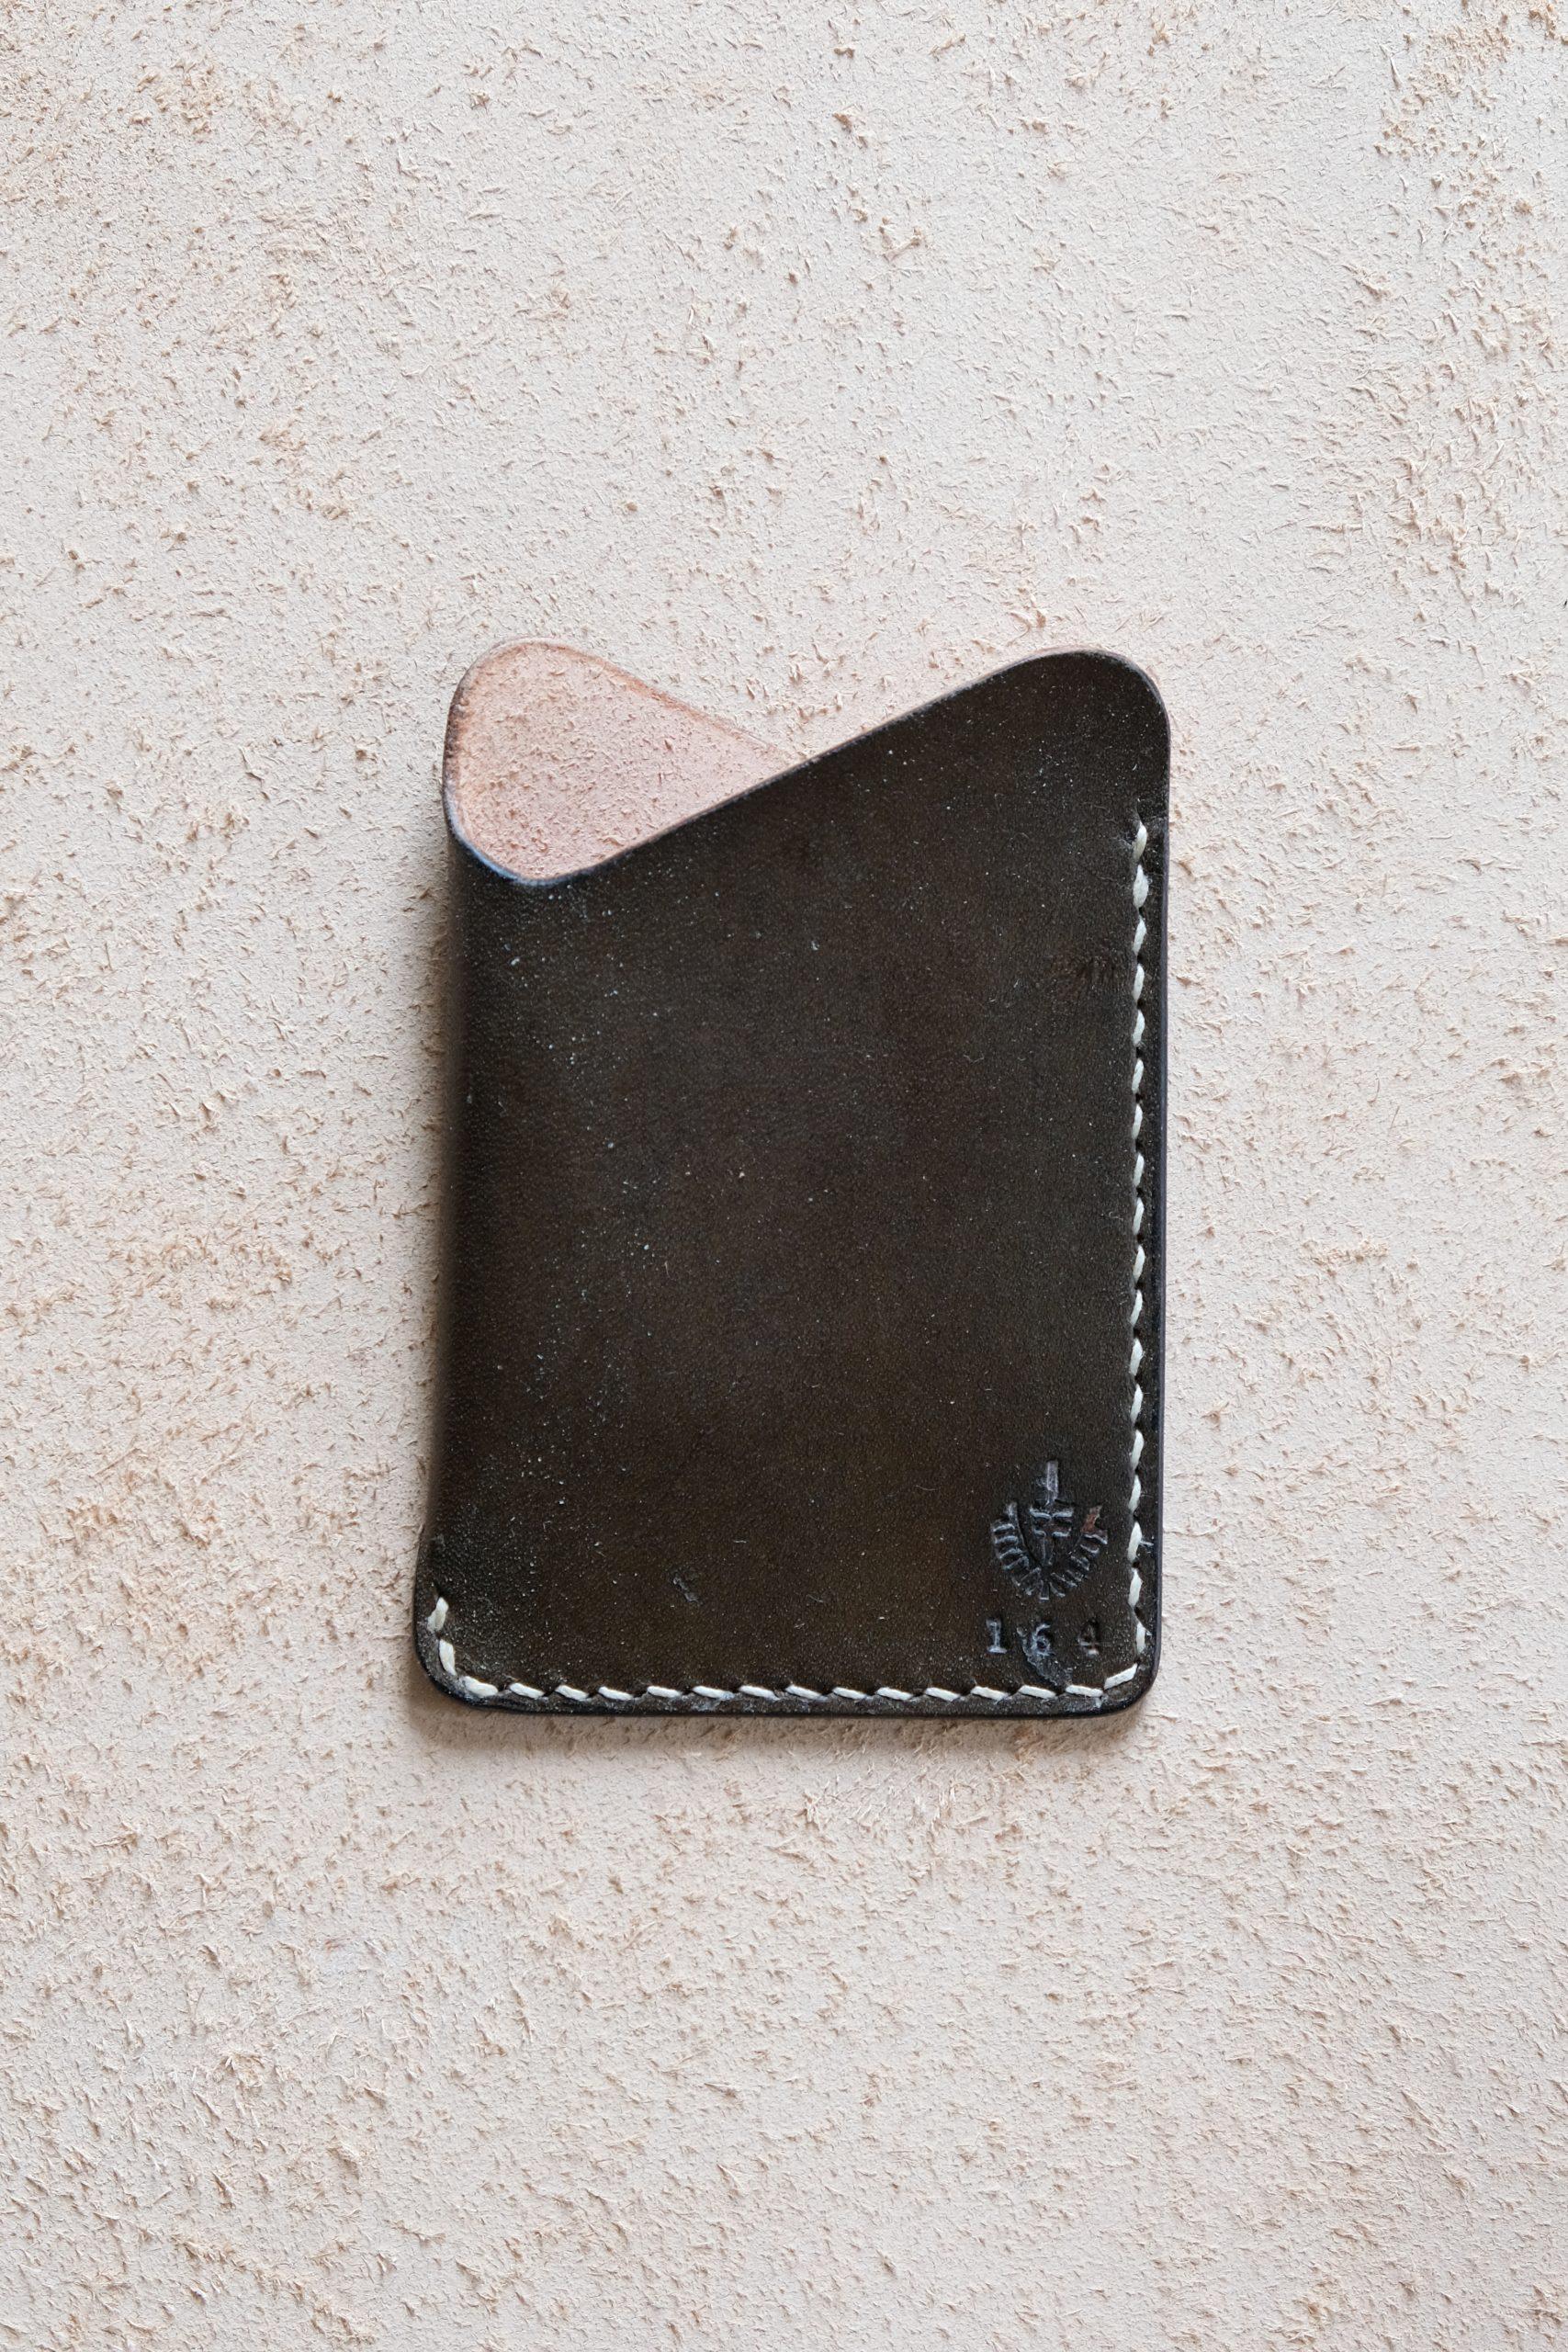 lerif designs leather wave cardholder vinegaroon on beige background